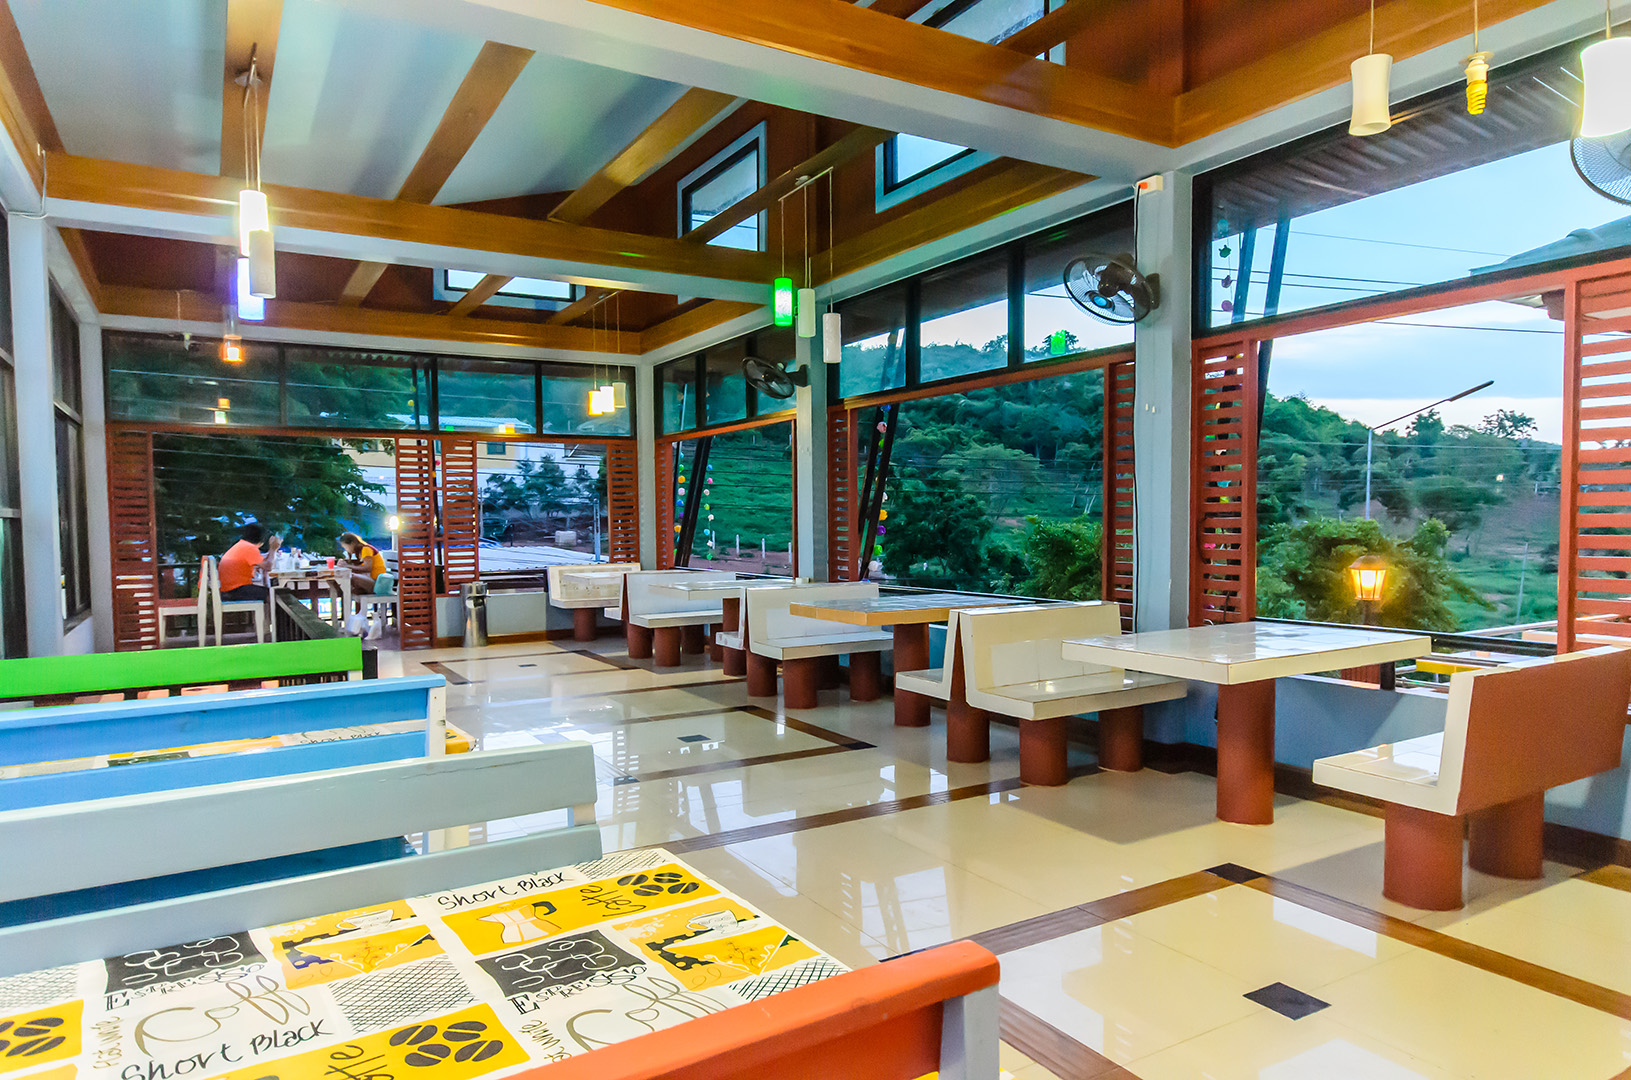 บ้านต้นไผ่ เกาะล้าน - Baan Tonpai Kohlarn